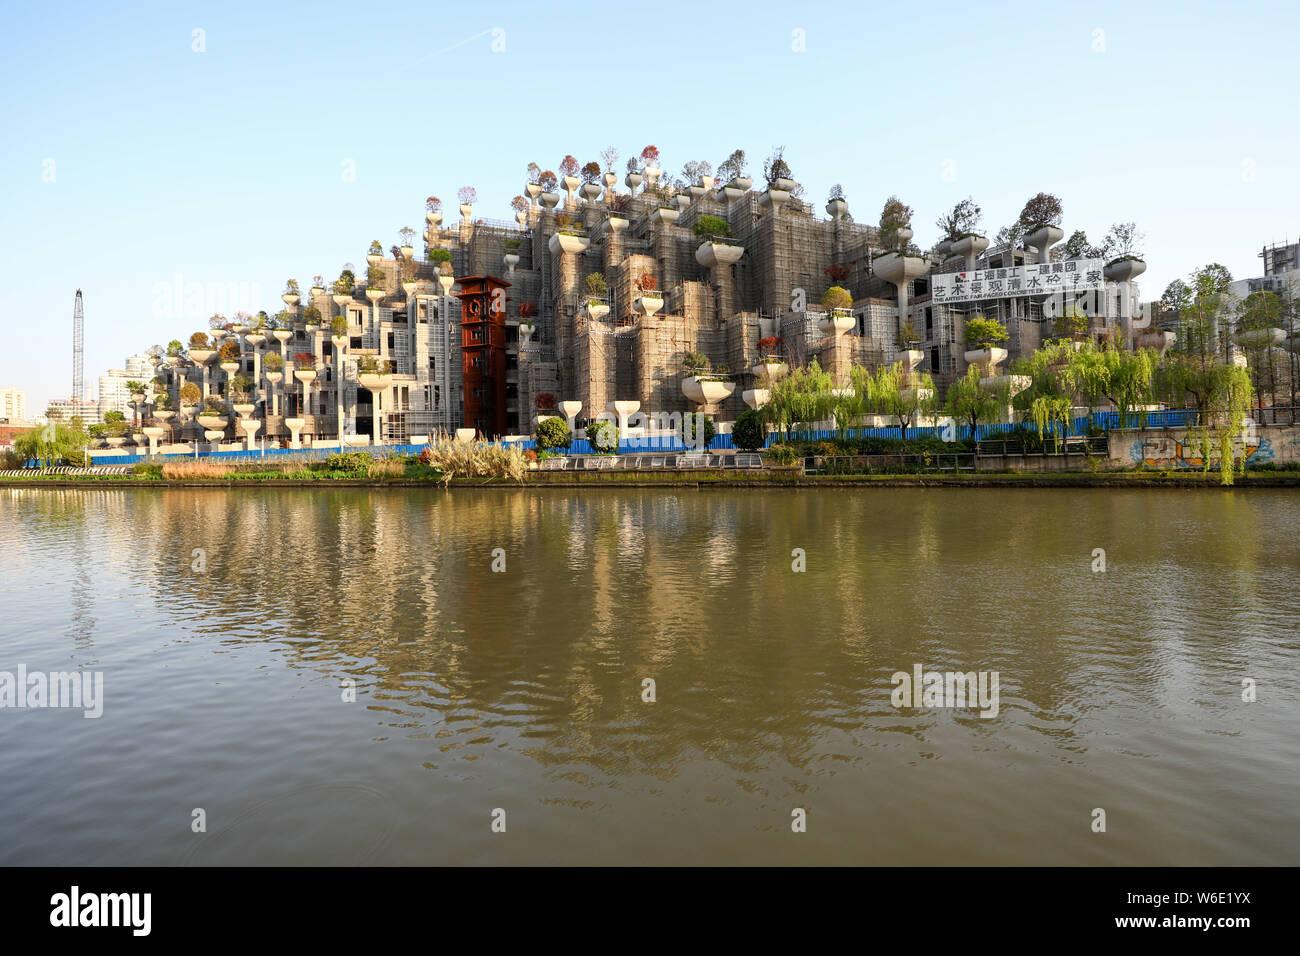 El Impresionante Edificio Con Forma De Jardines Colgantes De